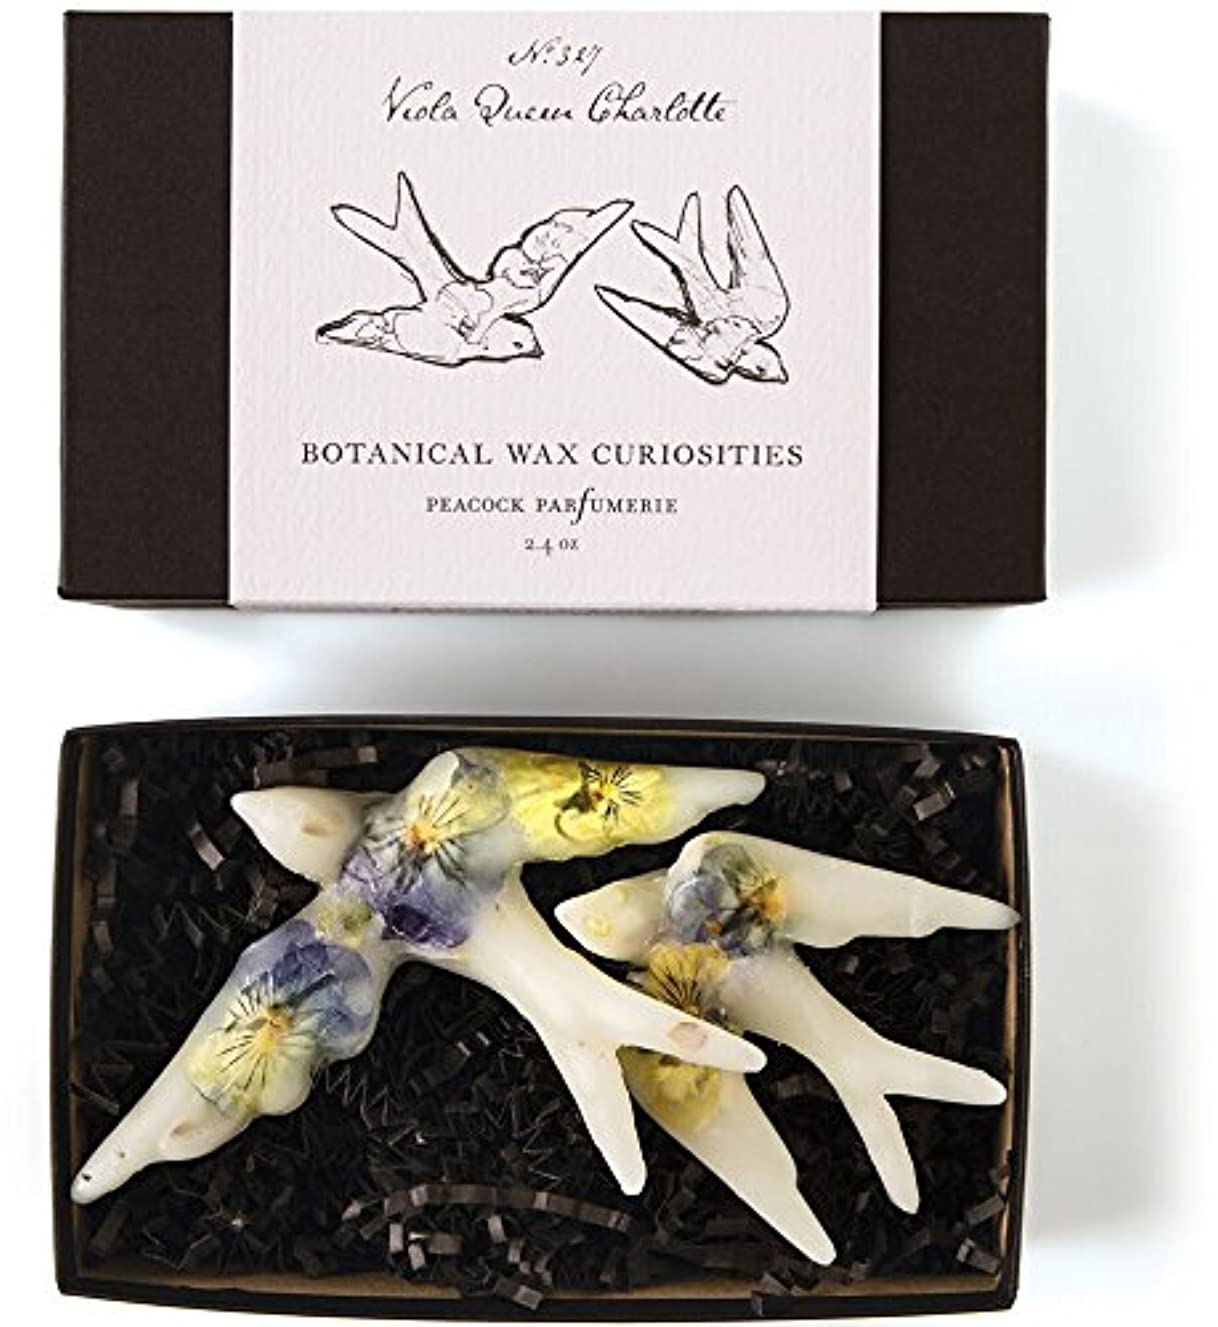 あごひげ十代の若者たち韓国ロージーリングス ボタニスト ボタニカルワックスキュリオシティ ビオラクィーンシャーロット ROSY RINGS Botanist Collection Botanical Wax Curiosities – Viola Queen Charlotte